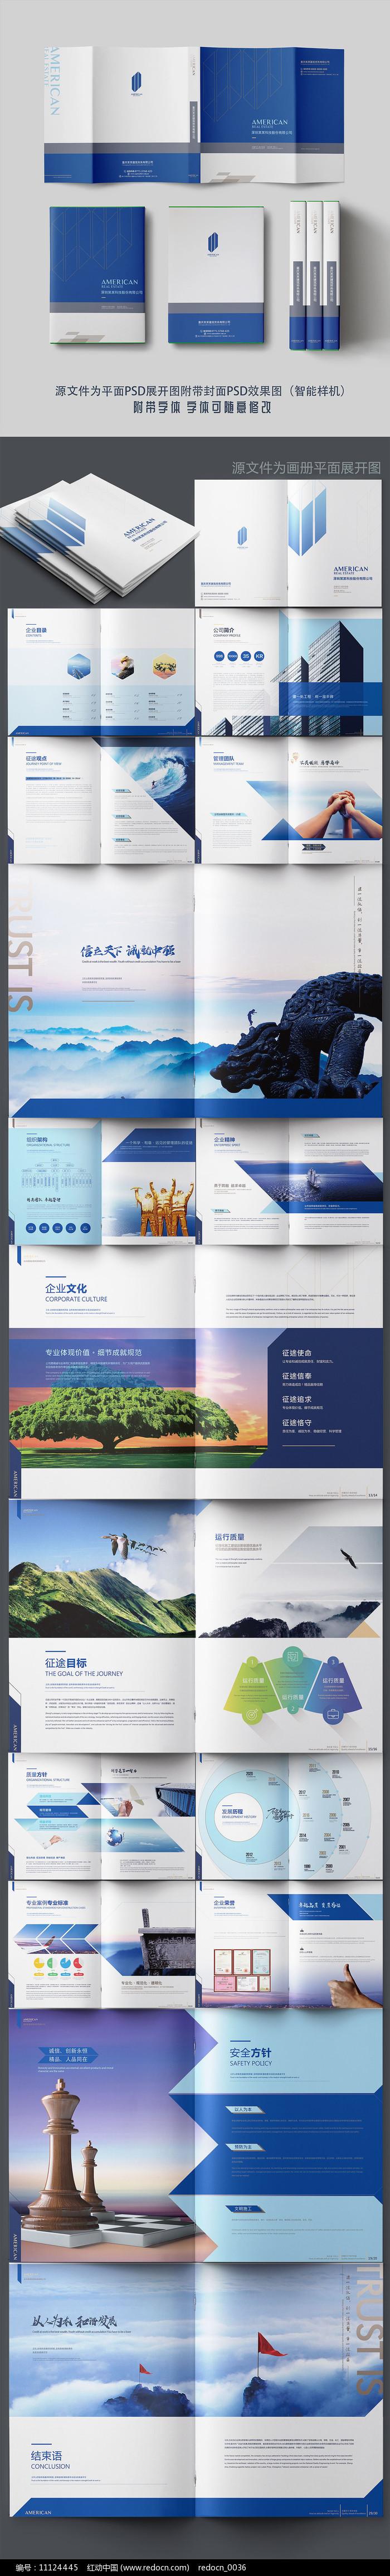 原创大气企业宣传画册设计图片